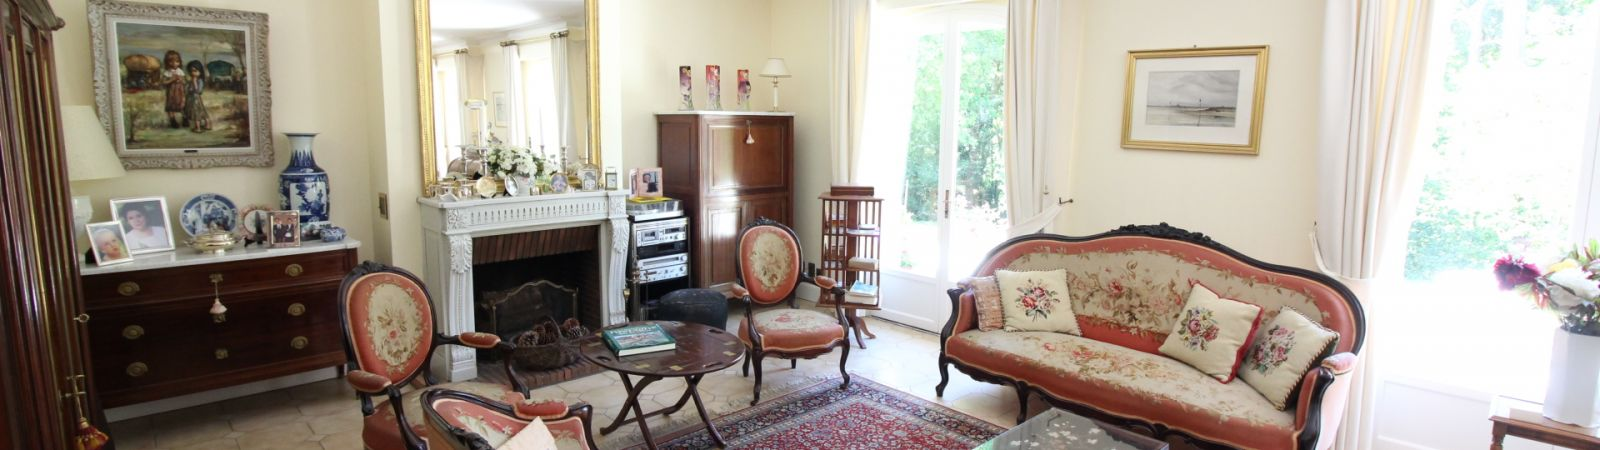 photo 3: Maison située dans un secteur calme et recherché de Vannes